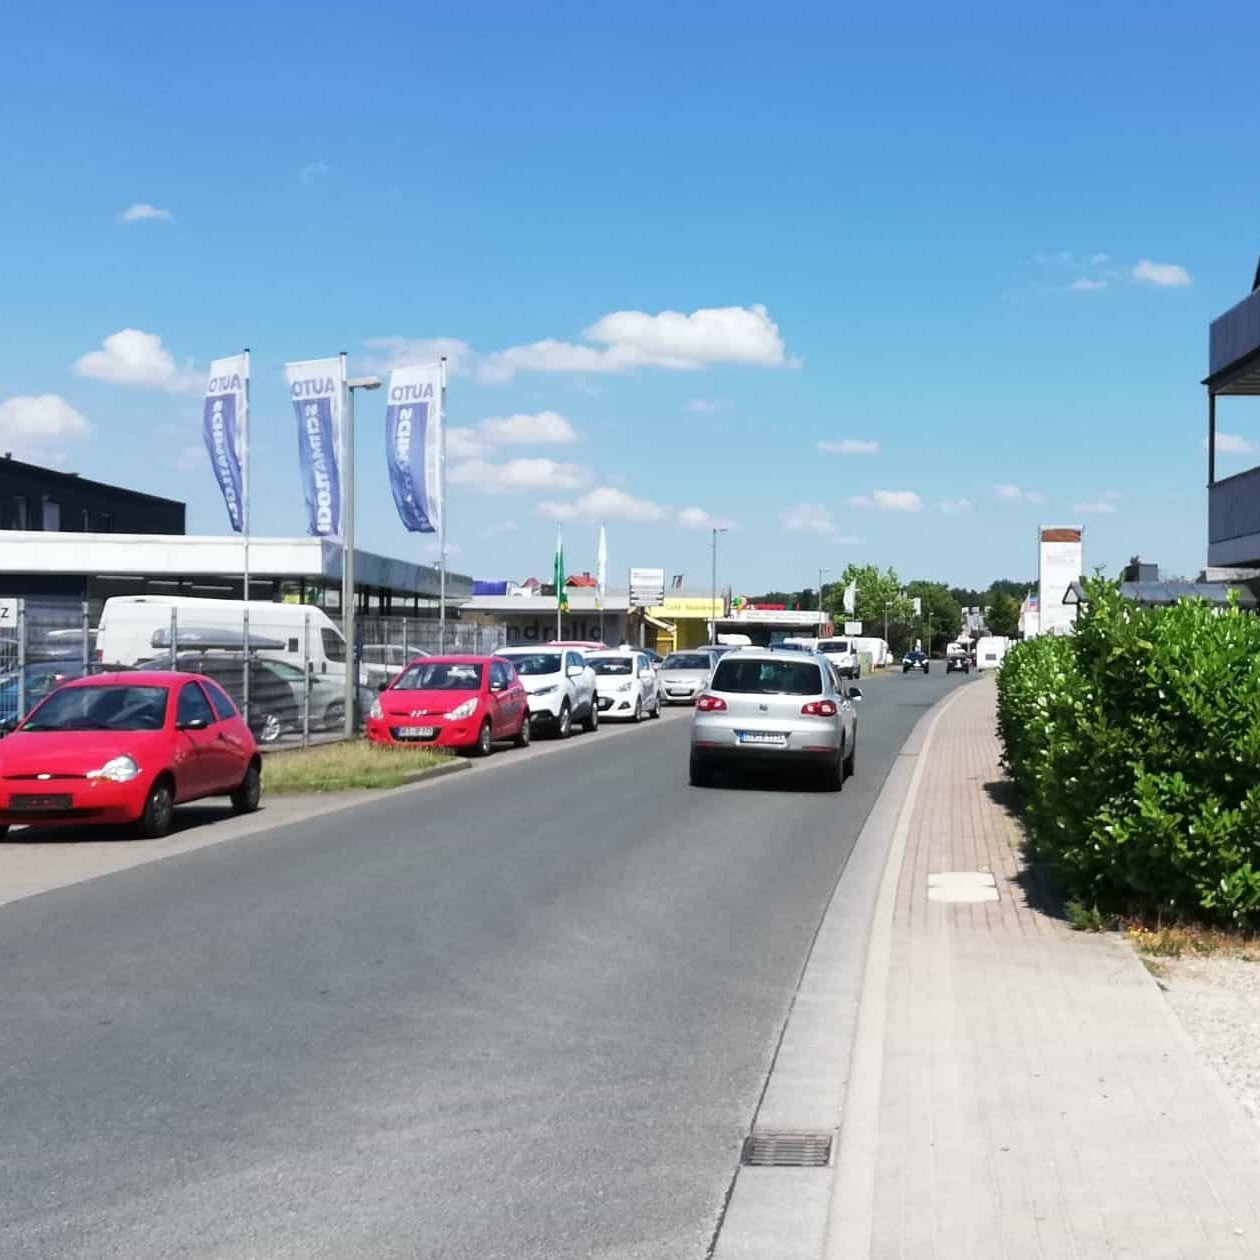 Das Bild zeigt das Gewerbegebiet Grenzstraße in Voerde-Holthausen